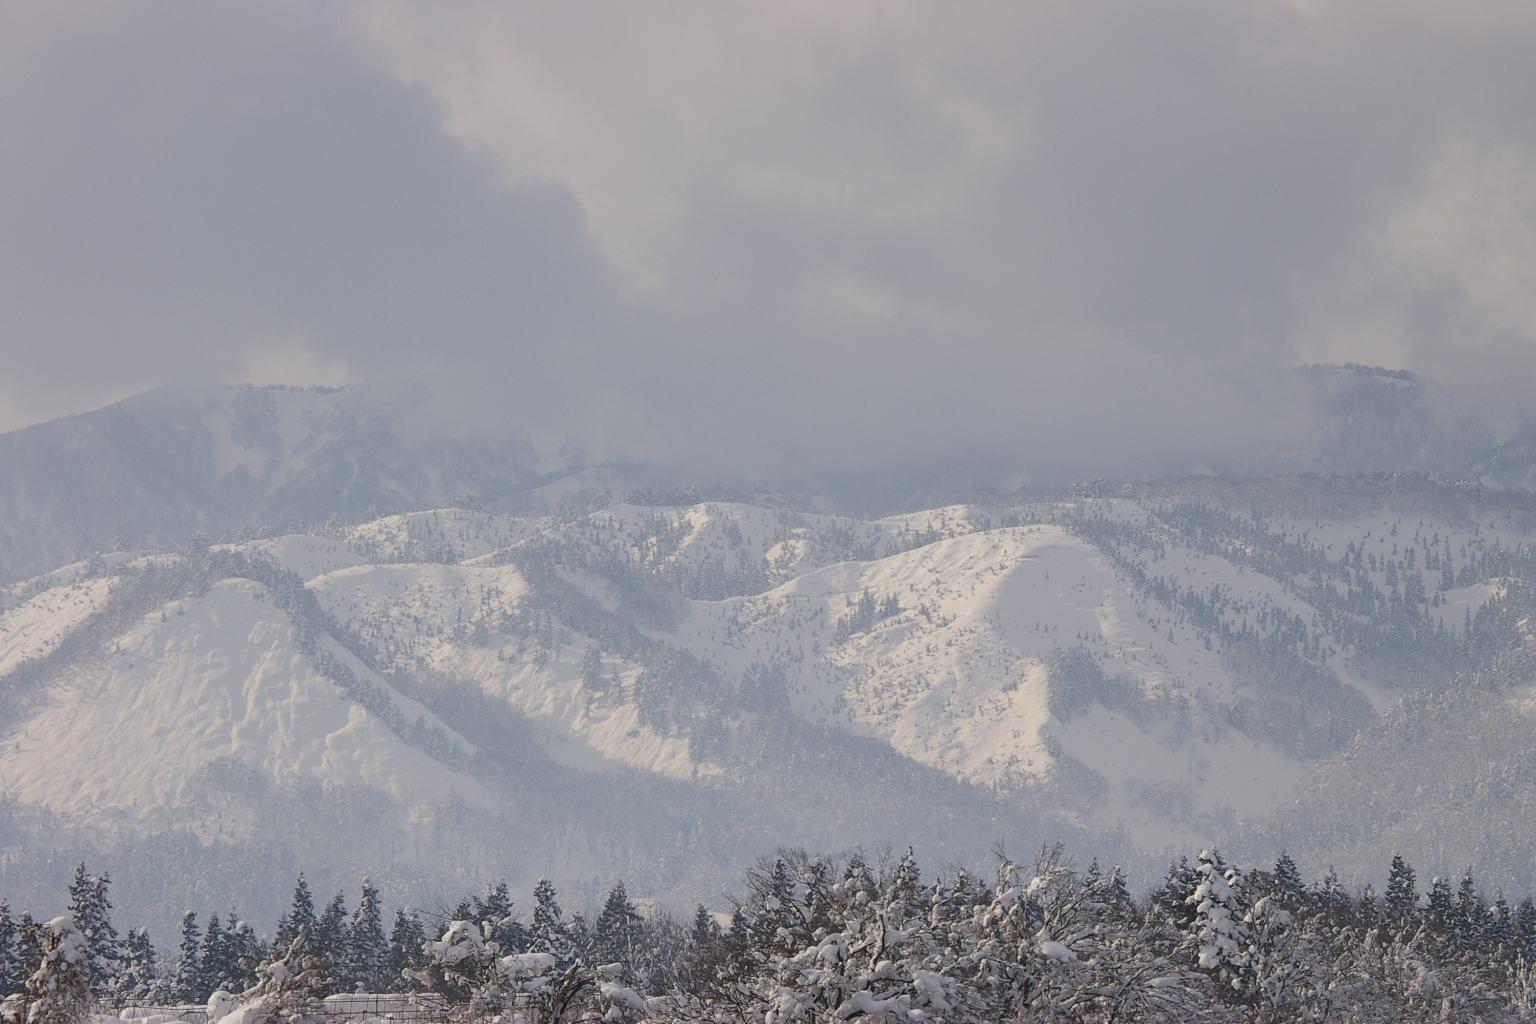 雪化粧をした葉山連邦です。